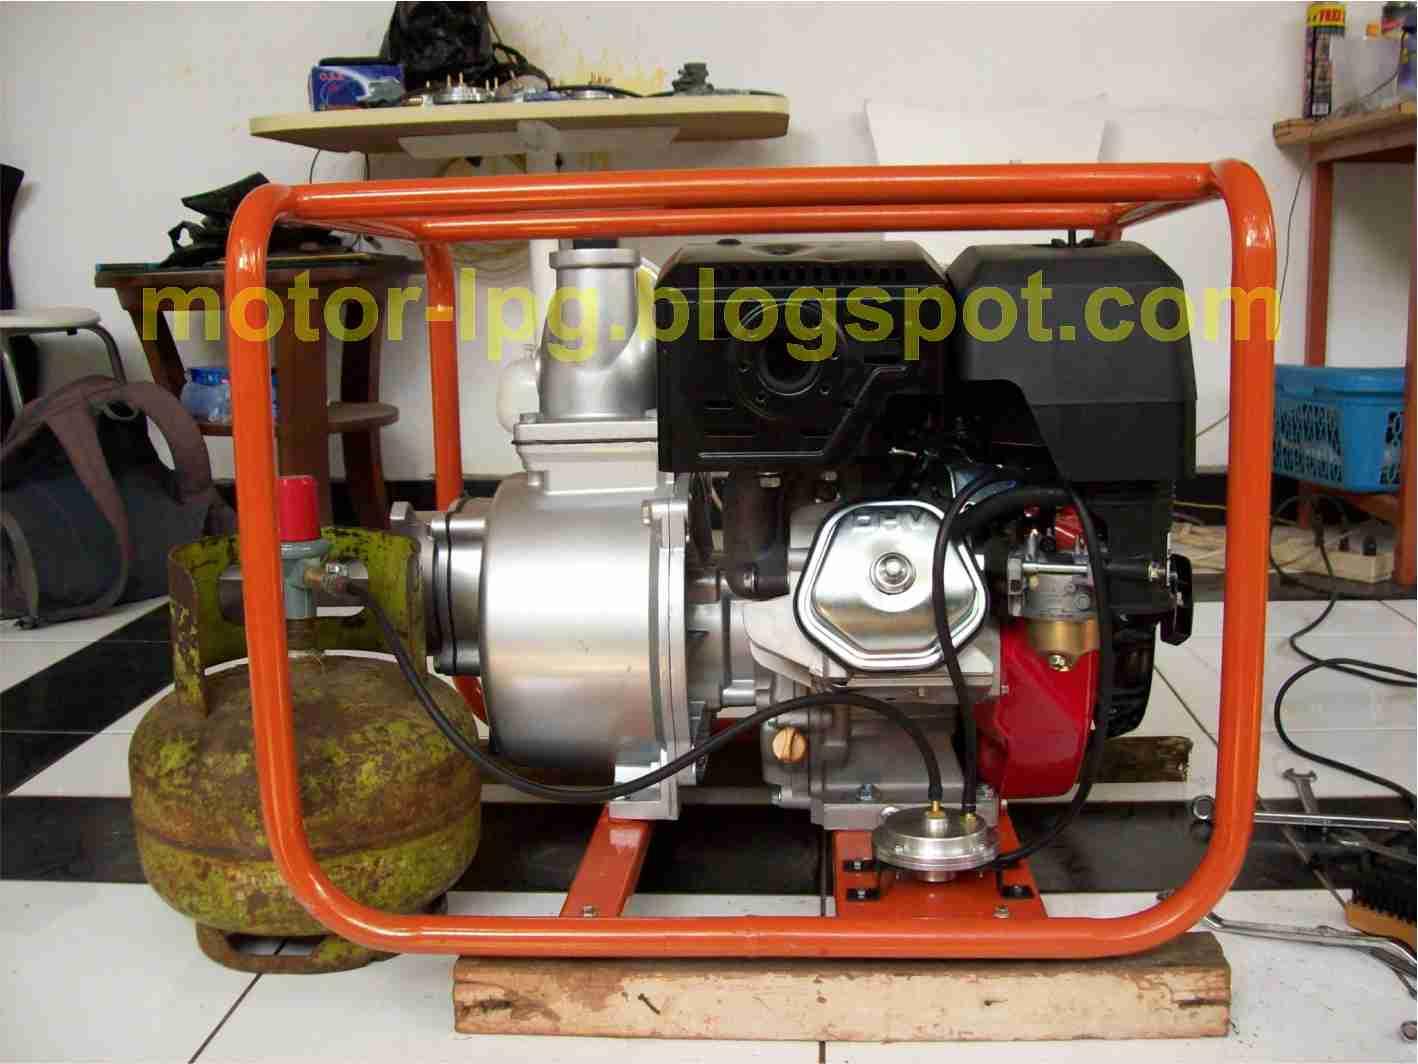 Gambar 1. Mesin pompa air berbahan bakar LPG (atau Bensin)